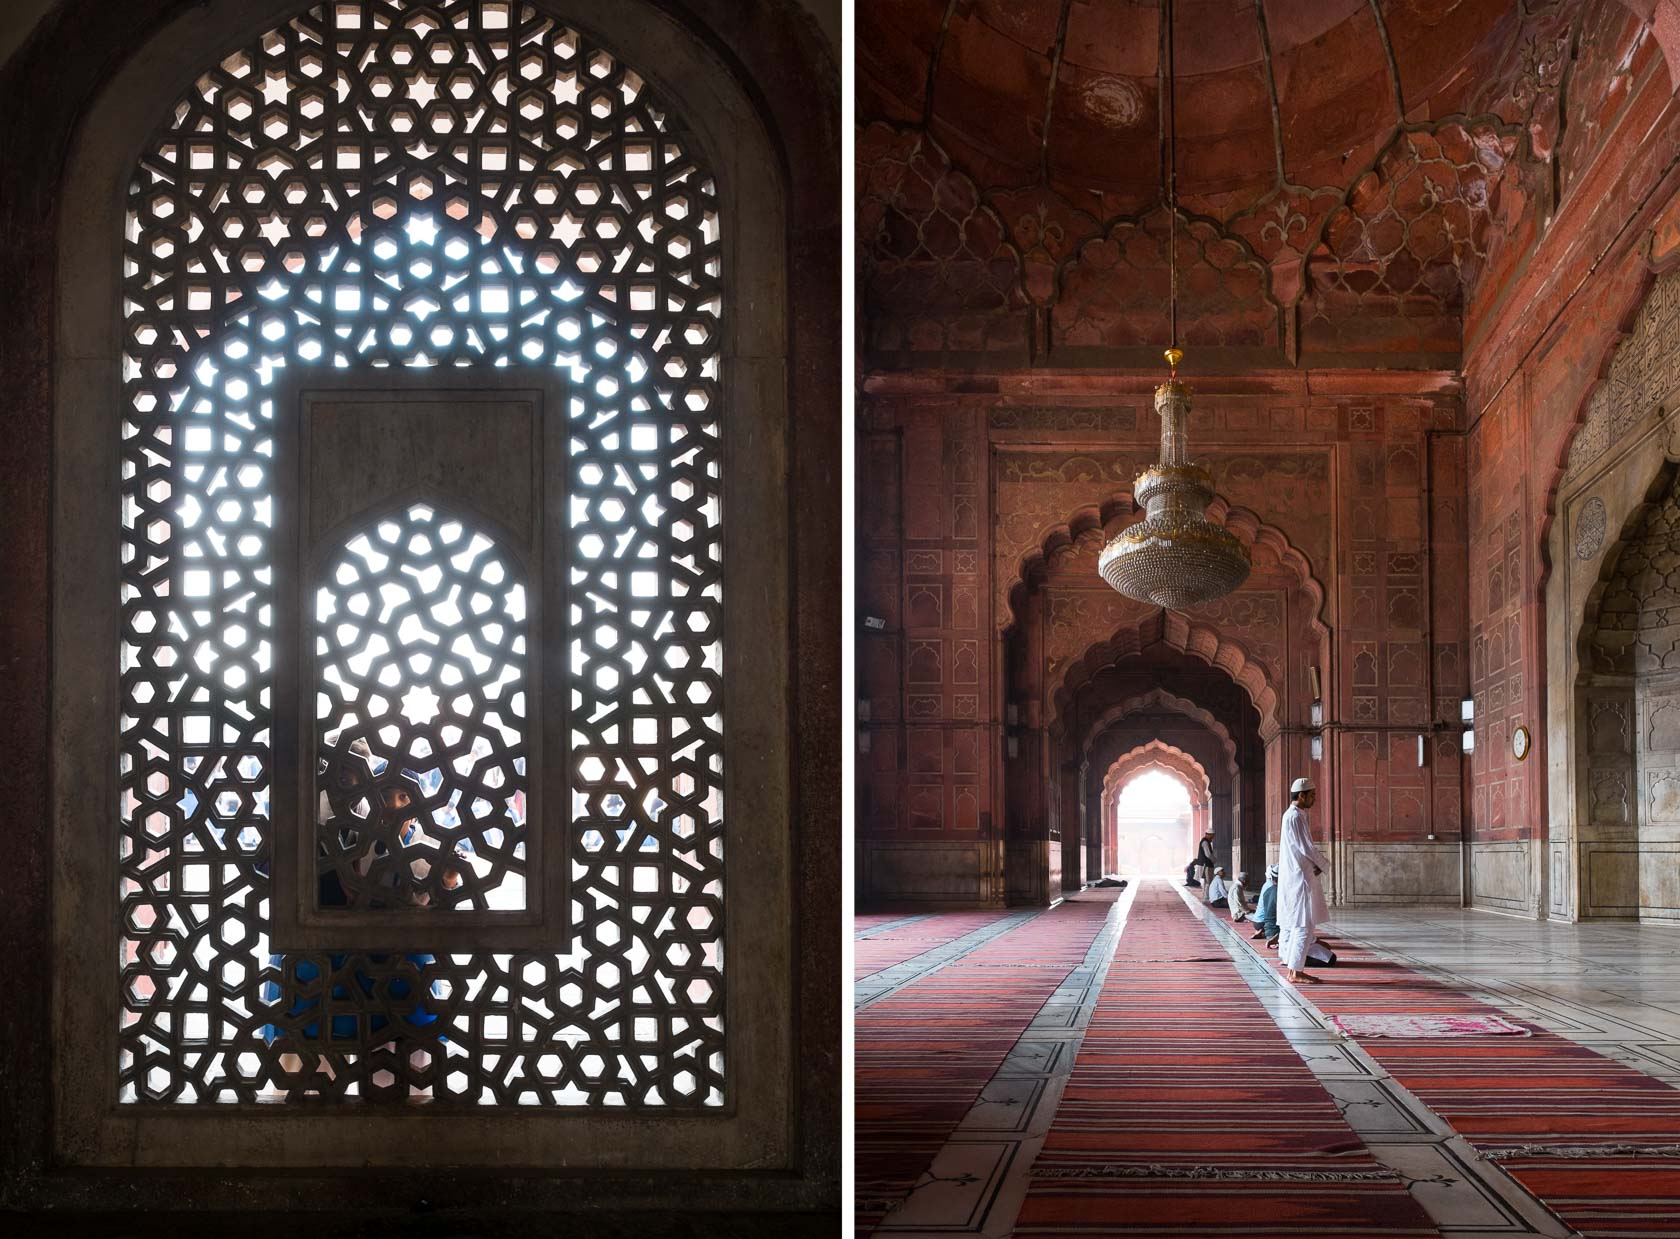 Jali Window + Jama Masjid, Delhi, India